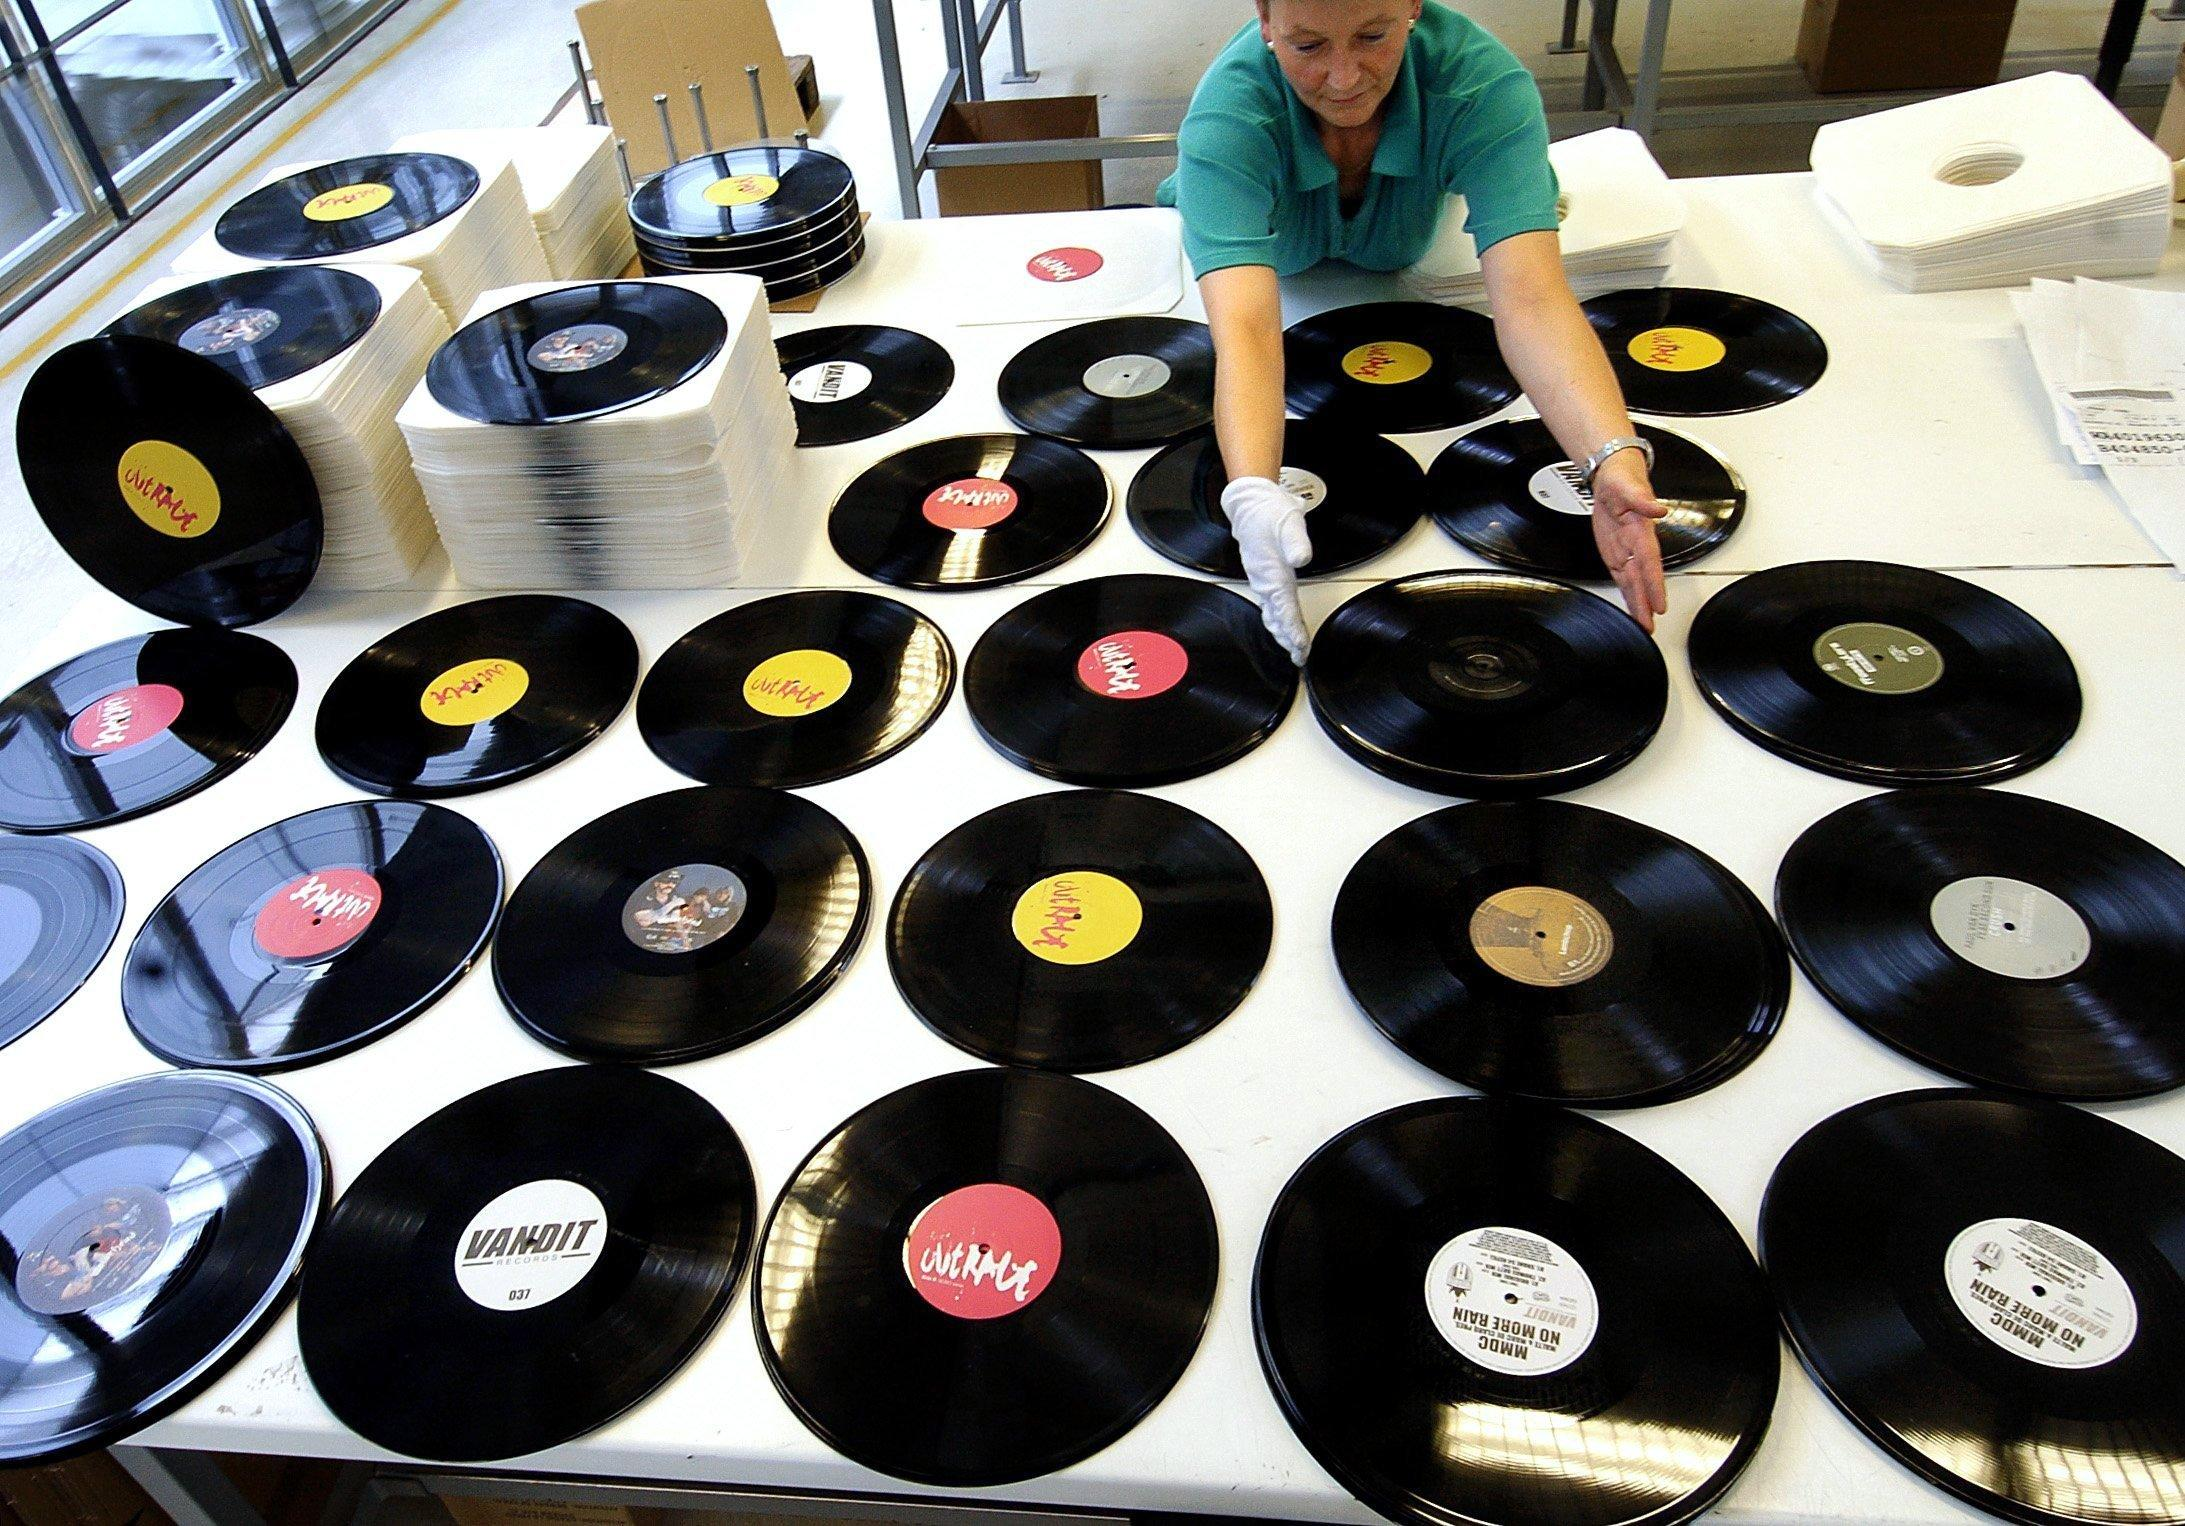 Die Deutschen stehen auf Vinyl. 2014 haben sie 1,8 Millionen Schallplatten gekauft – so viel wie zuletzt 1992.